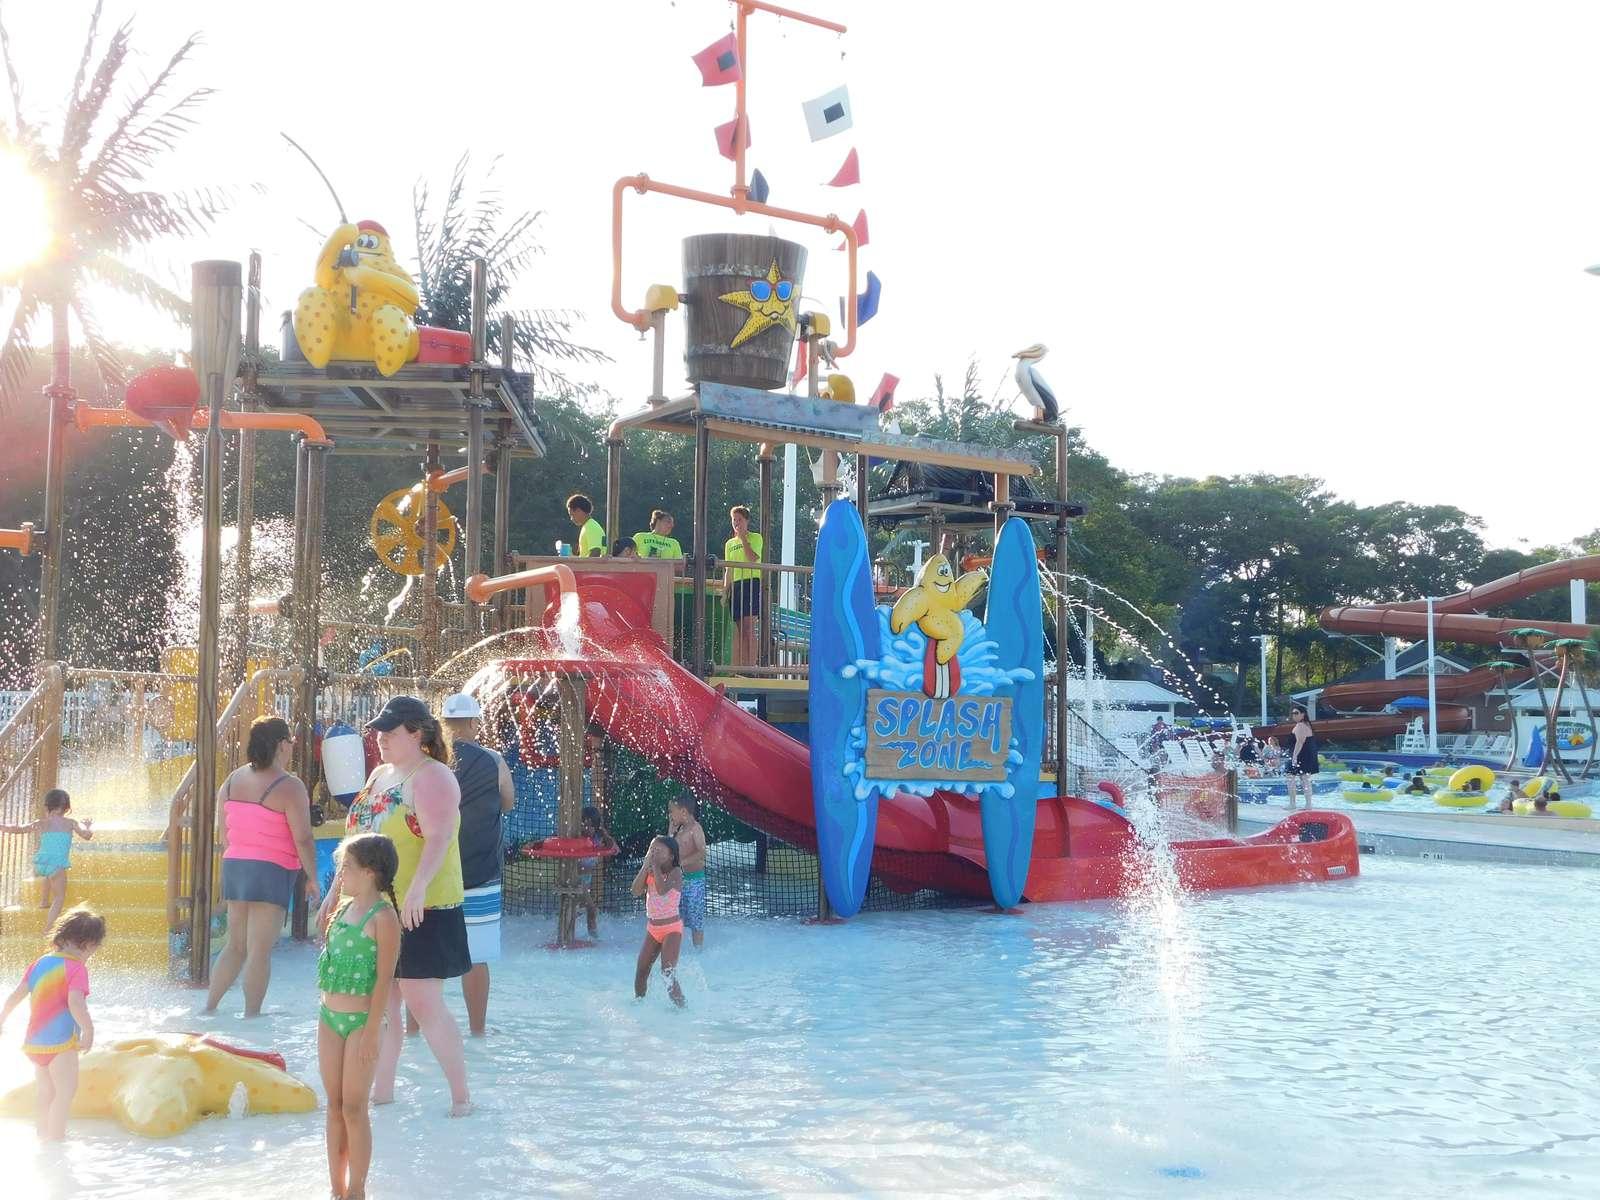 Slide in the kiddie pool